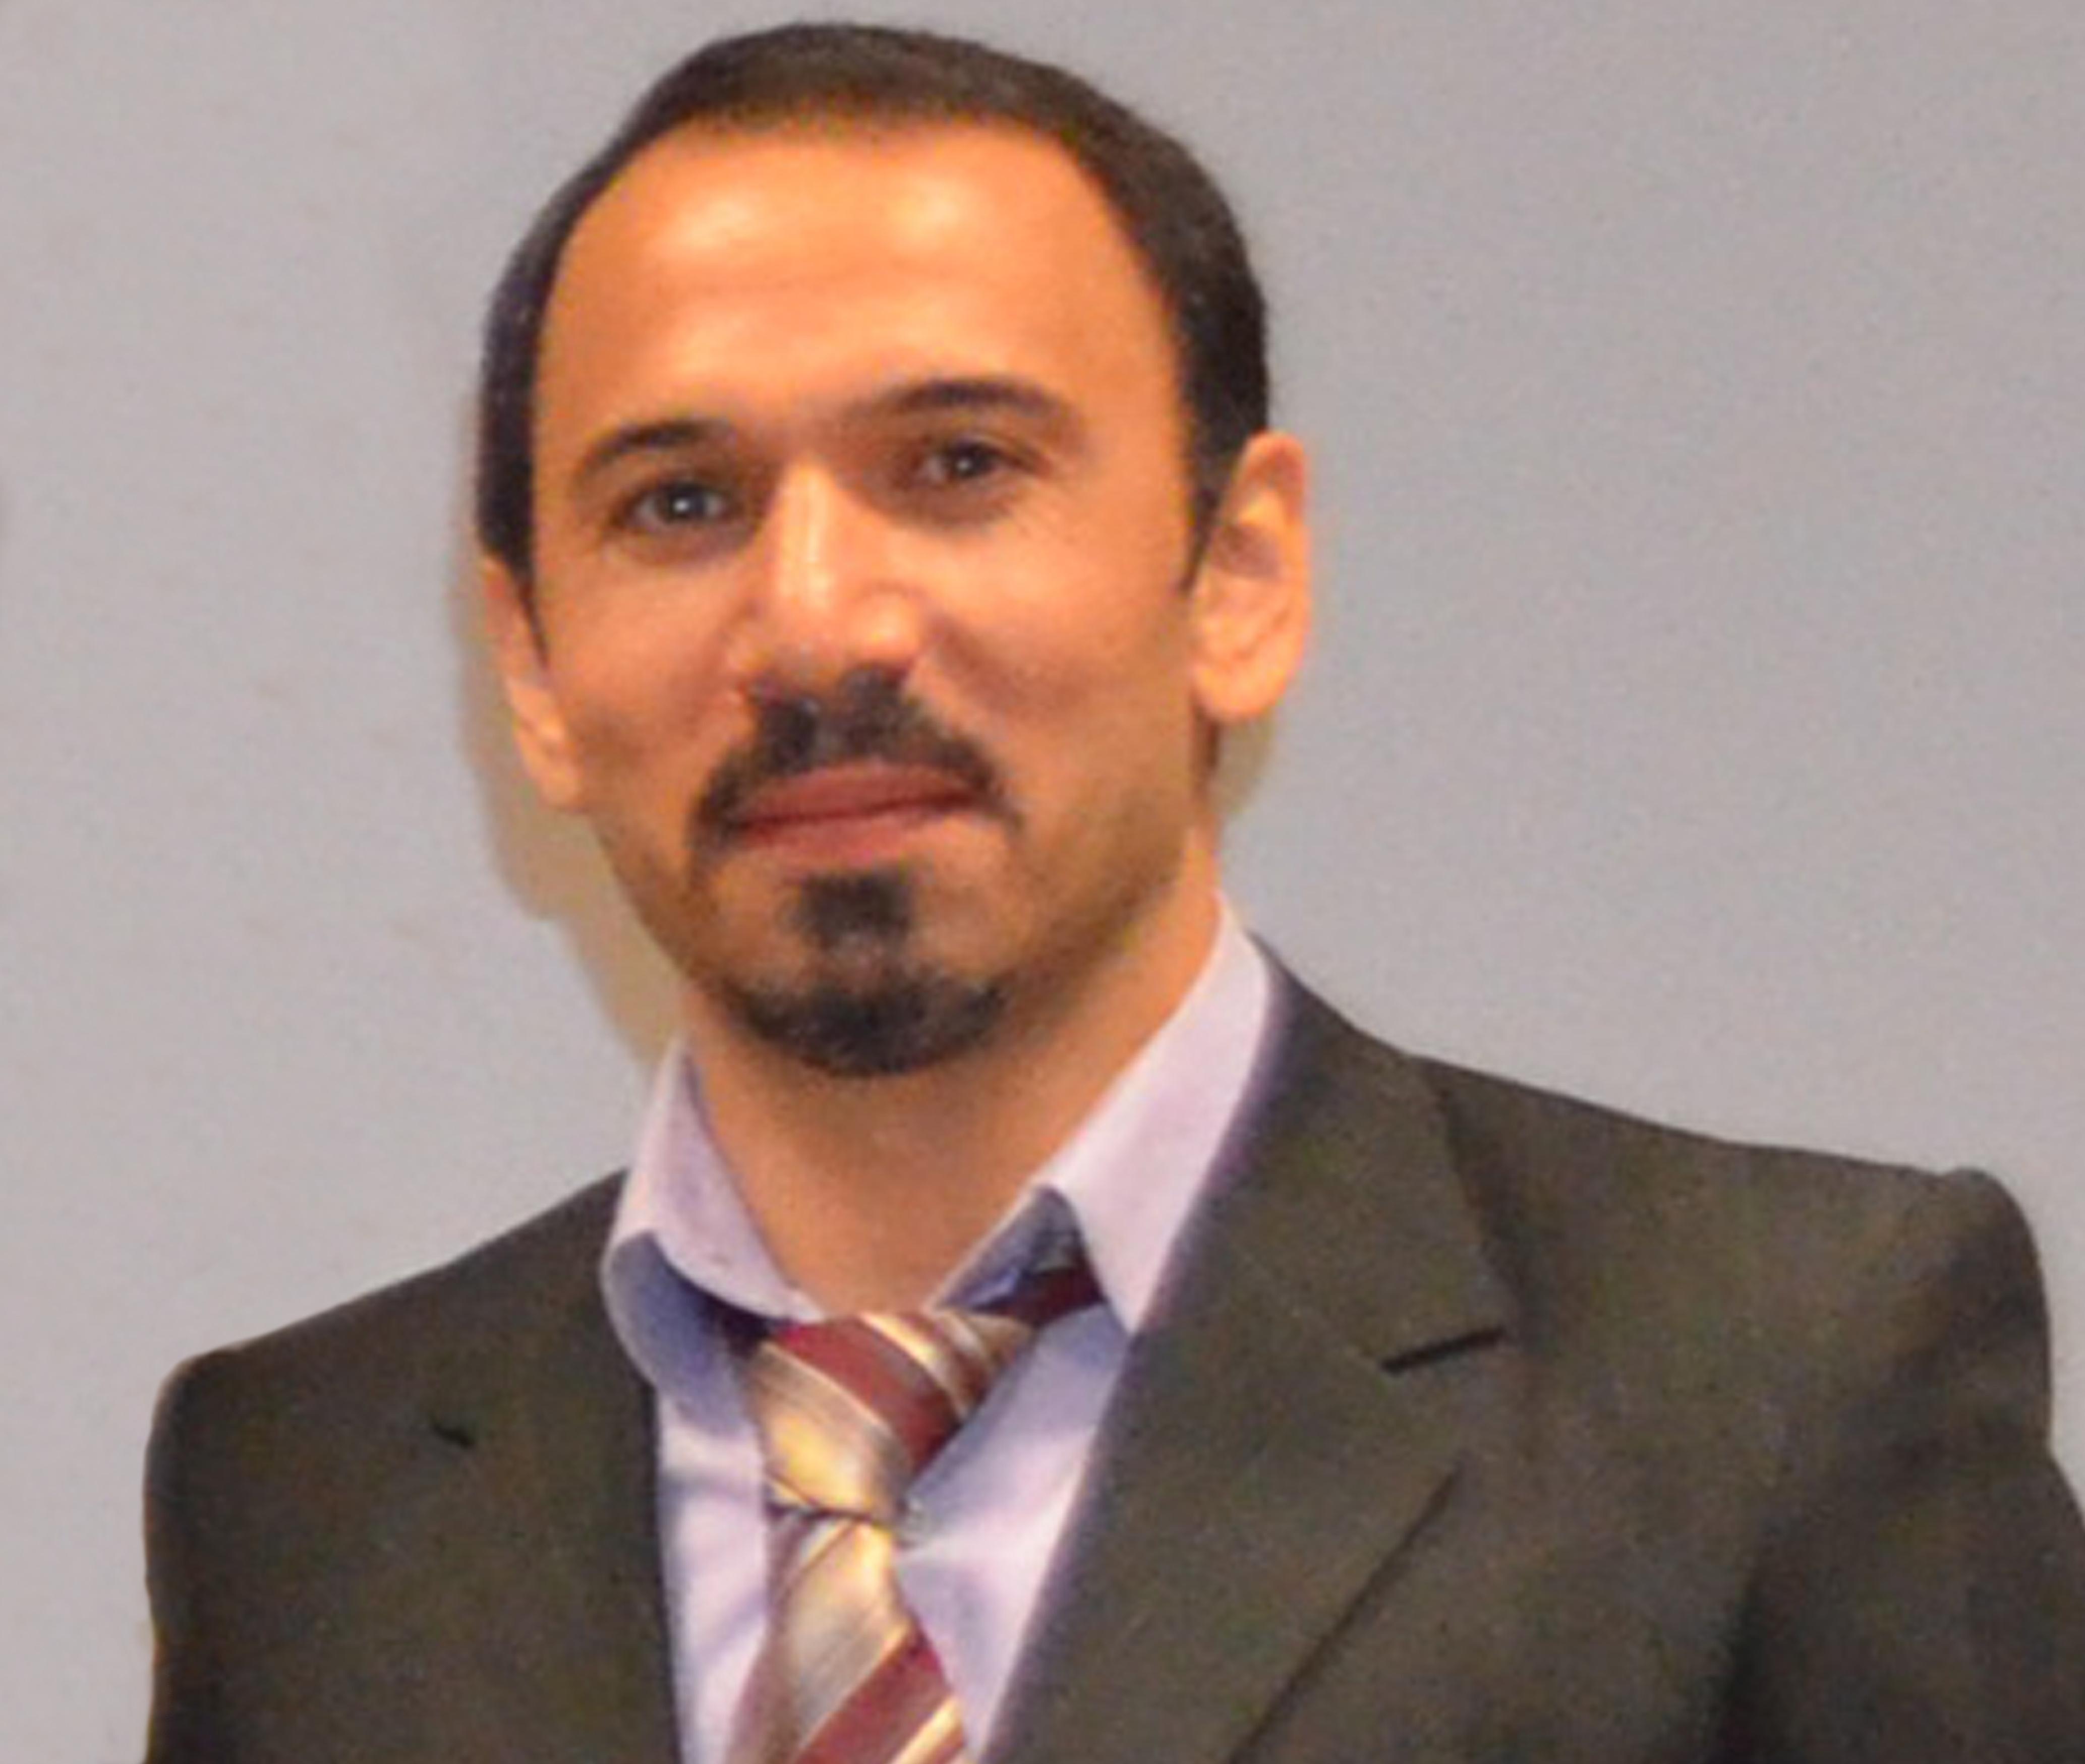 Mousa Javidani